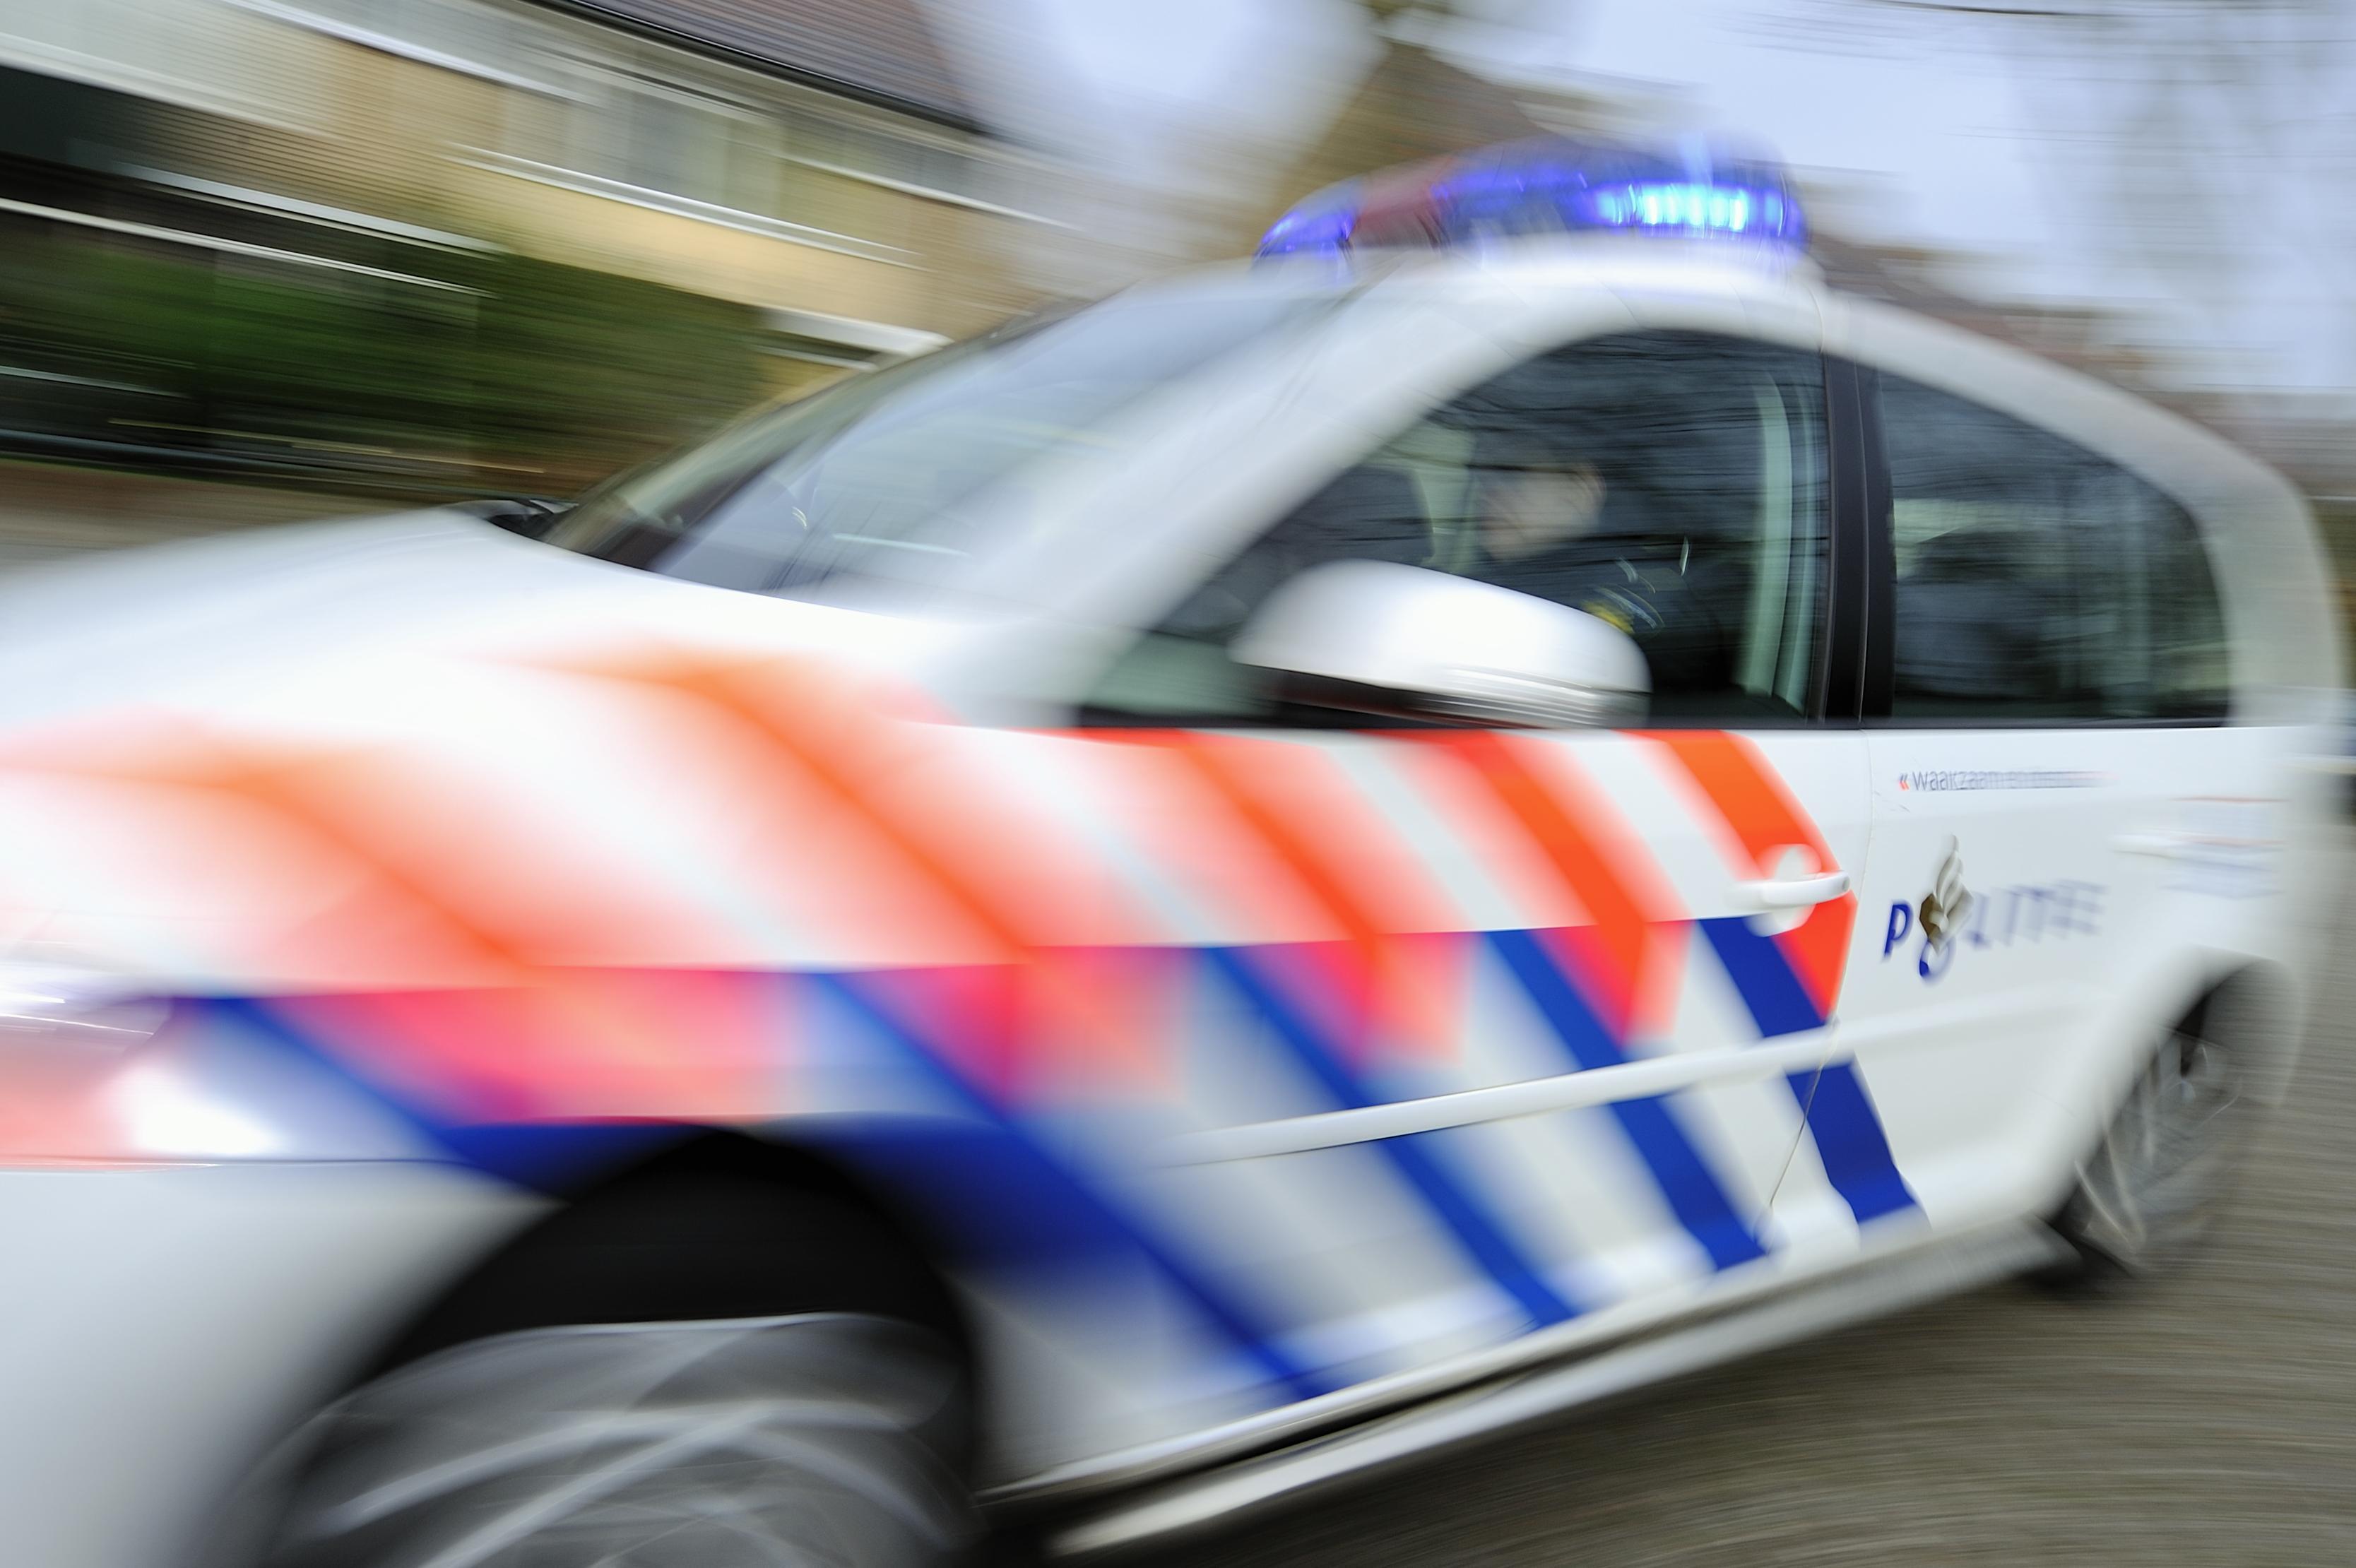 Getuigen gezocht van beroving groepje jongens in Haarlem